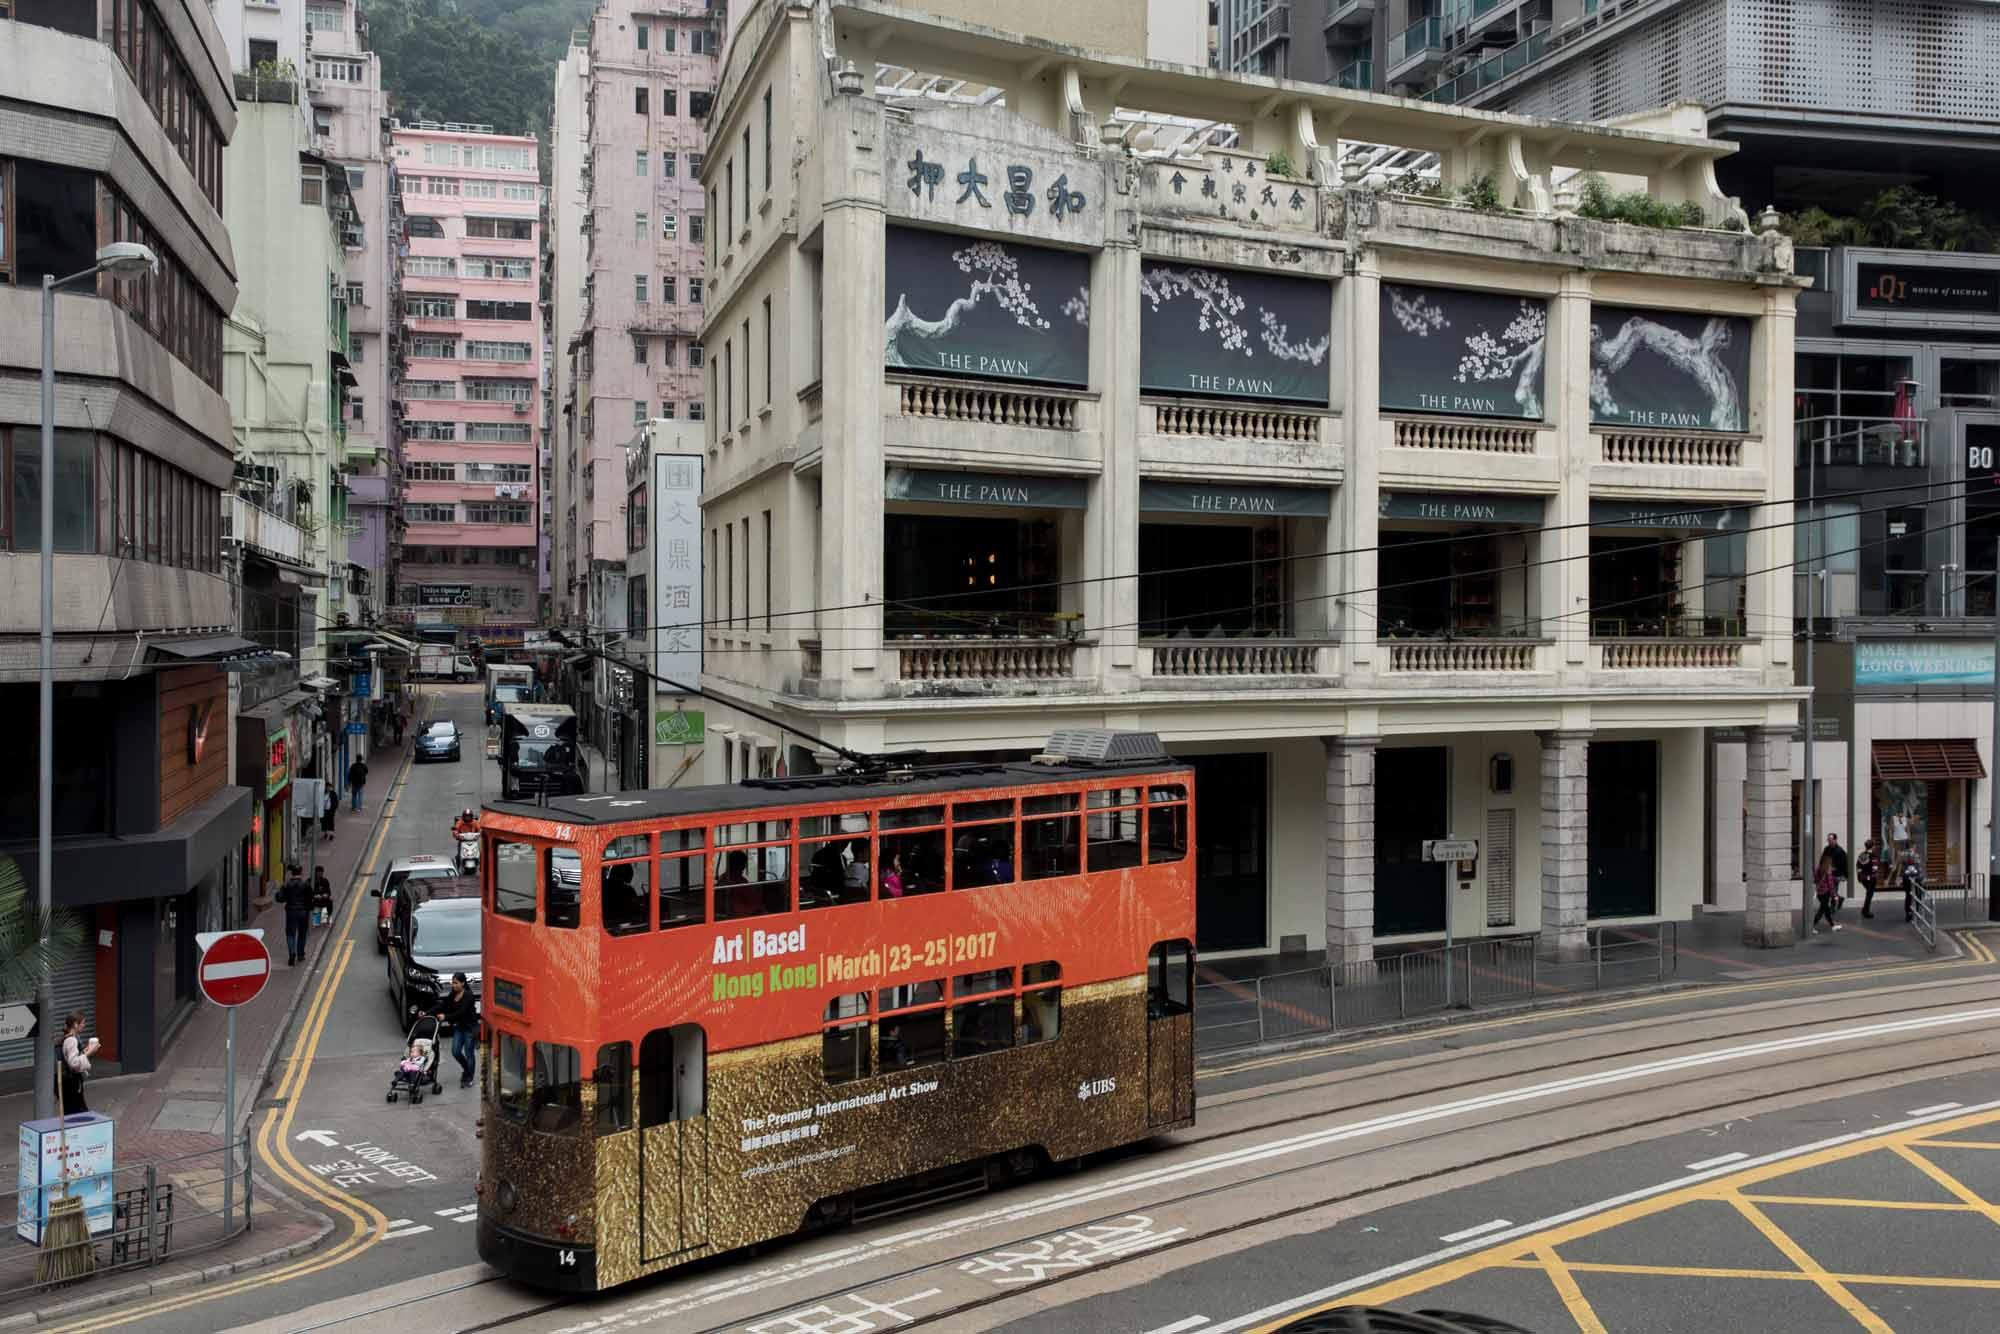 アジアのアートシーンを牽引する、アートバーゼル香港を現地レポート | La Gacilly